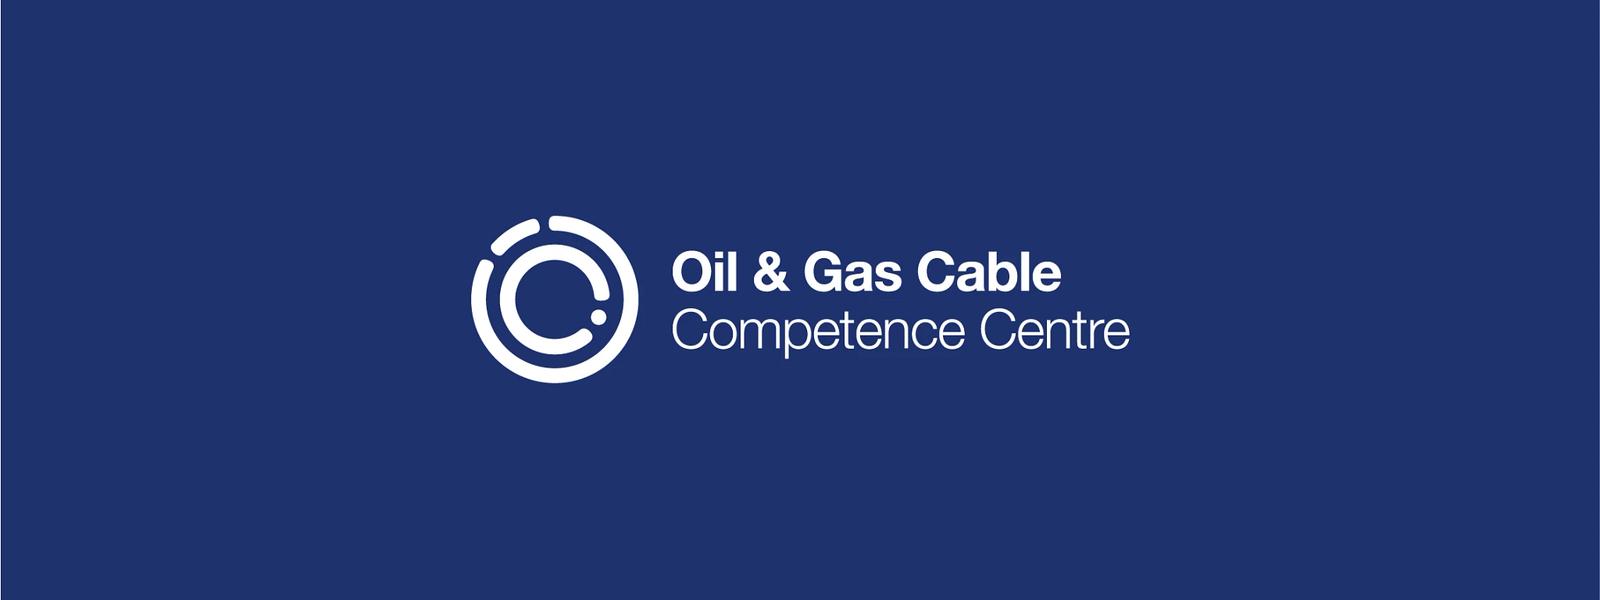 OGCCC logo white